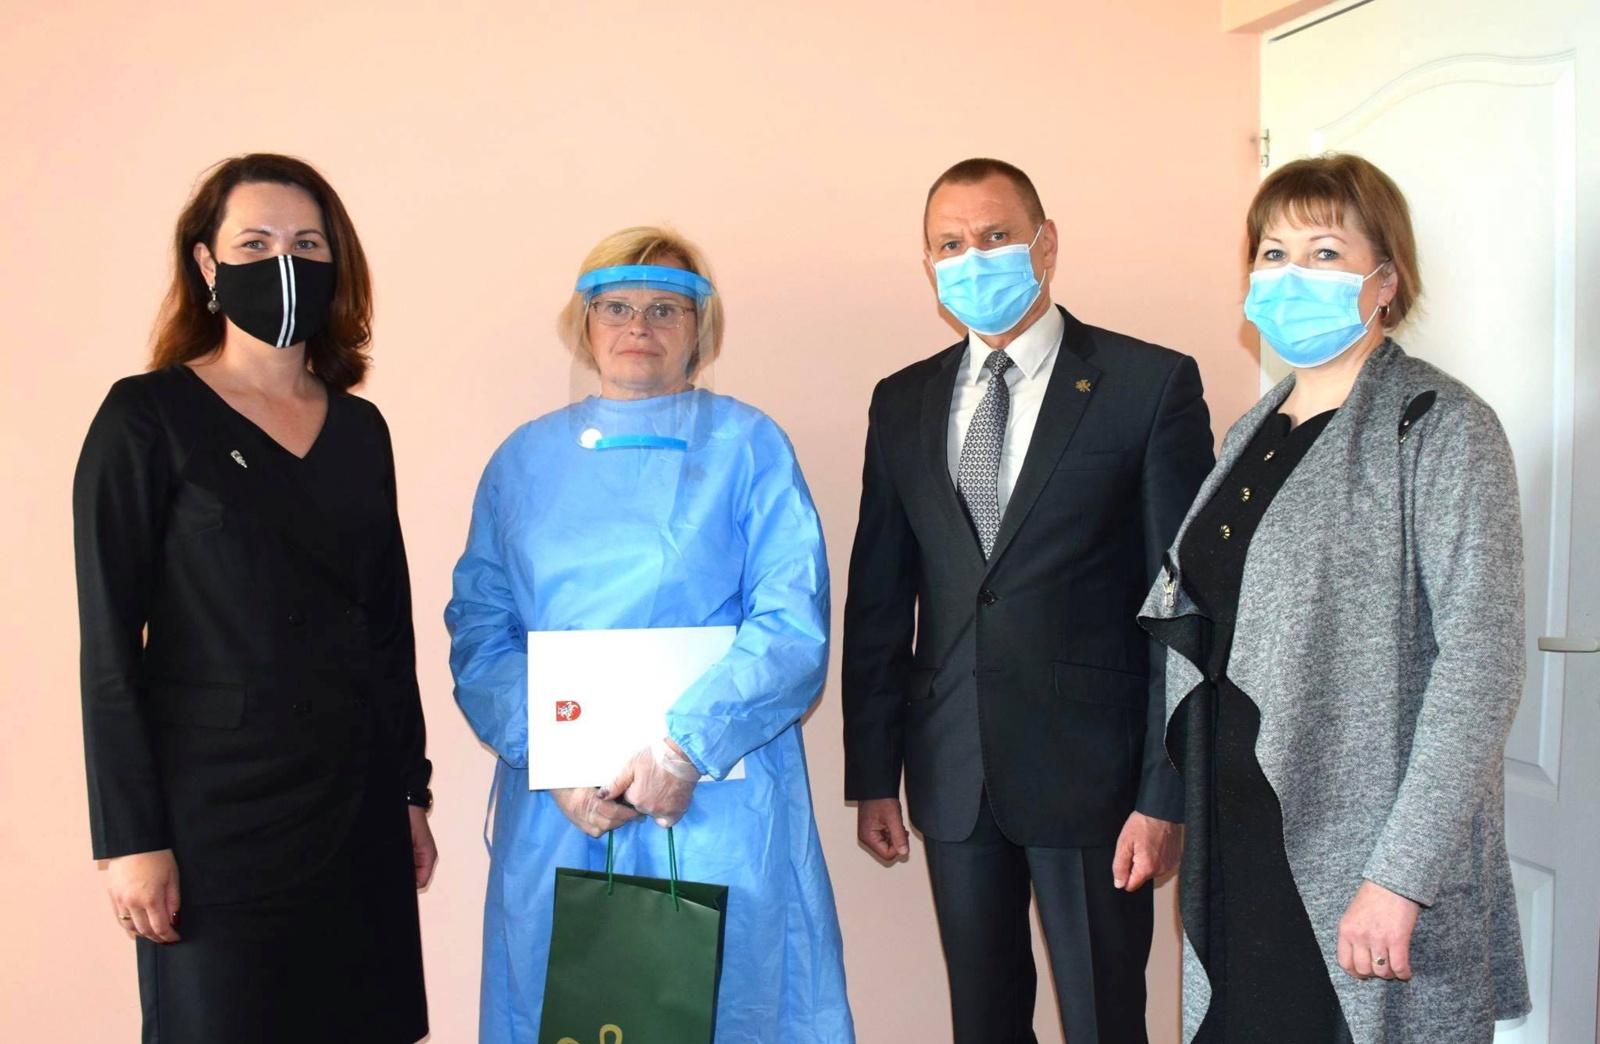 Sveikatos apsaugos ministro padėkos – į penkių Lazdijuose dirbančių medikų rankas